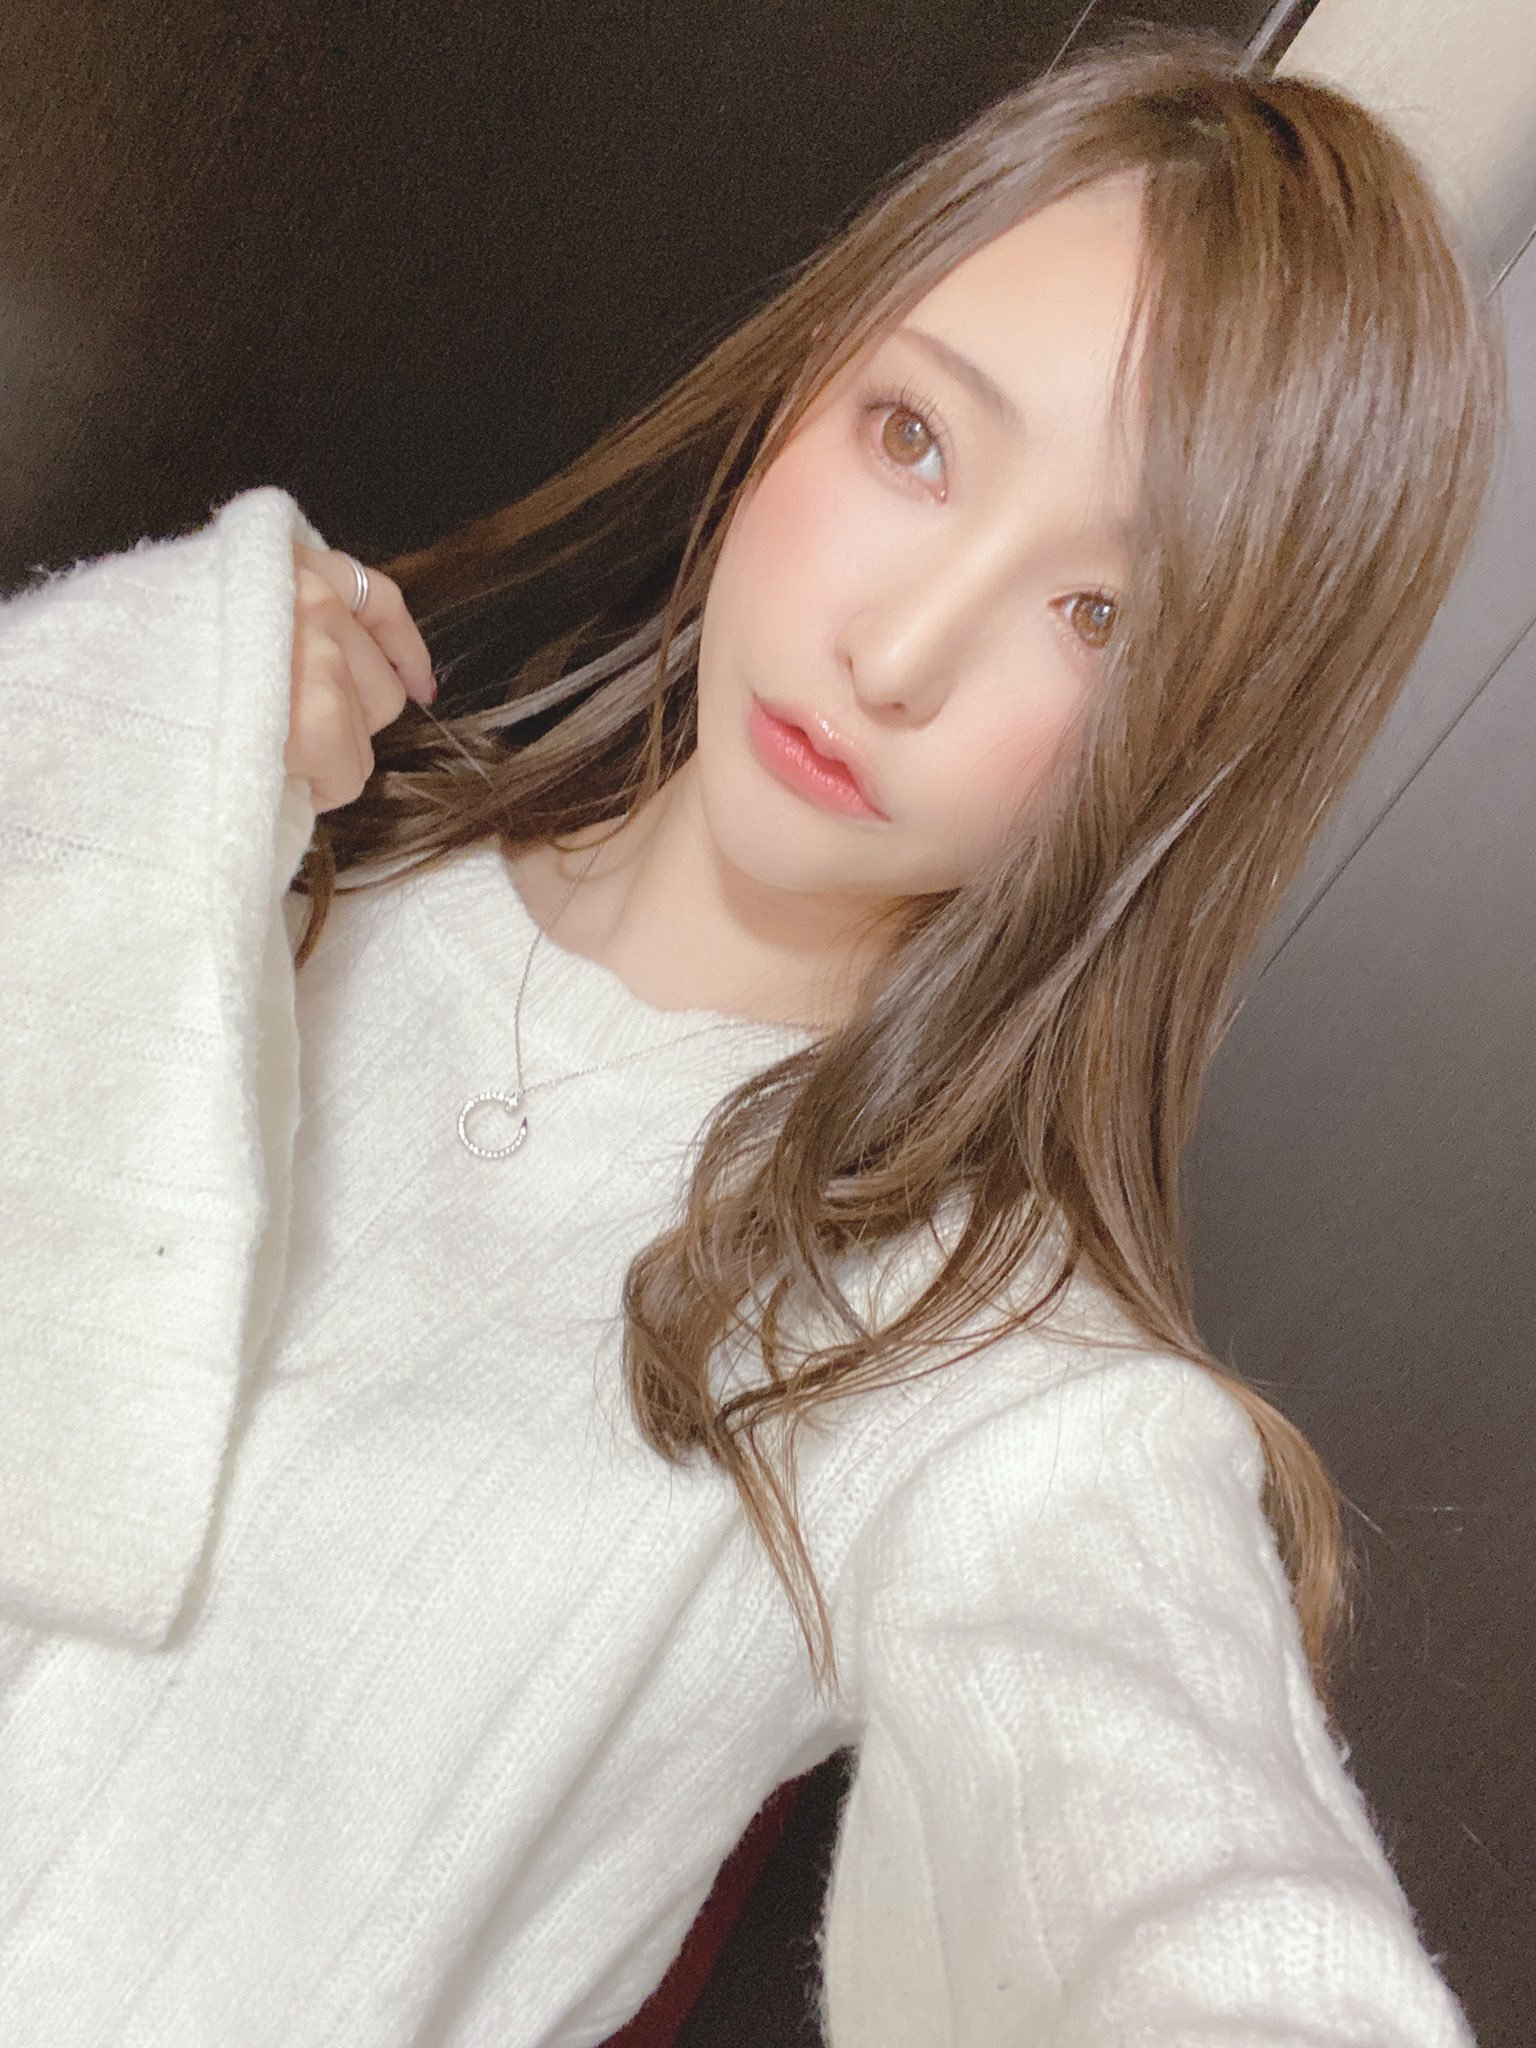 amatsuka_moe 1241302784516882432_p1